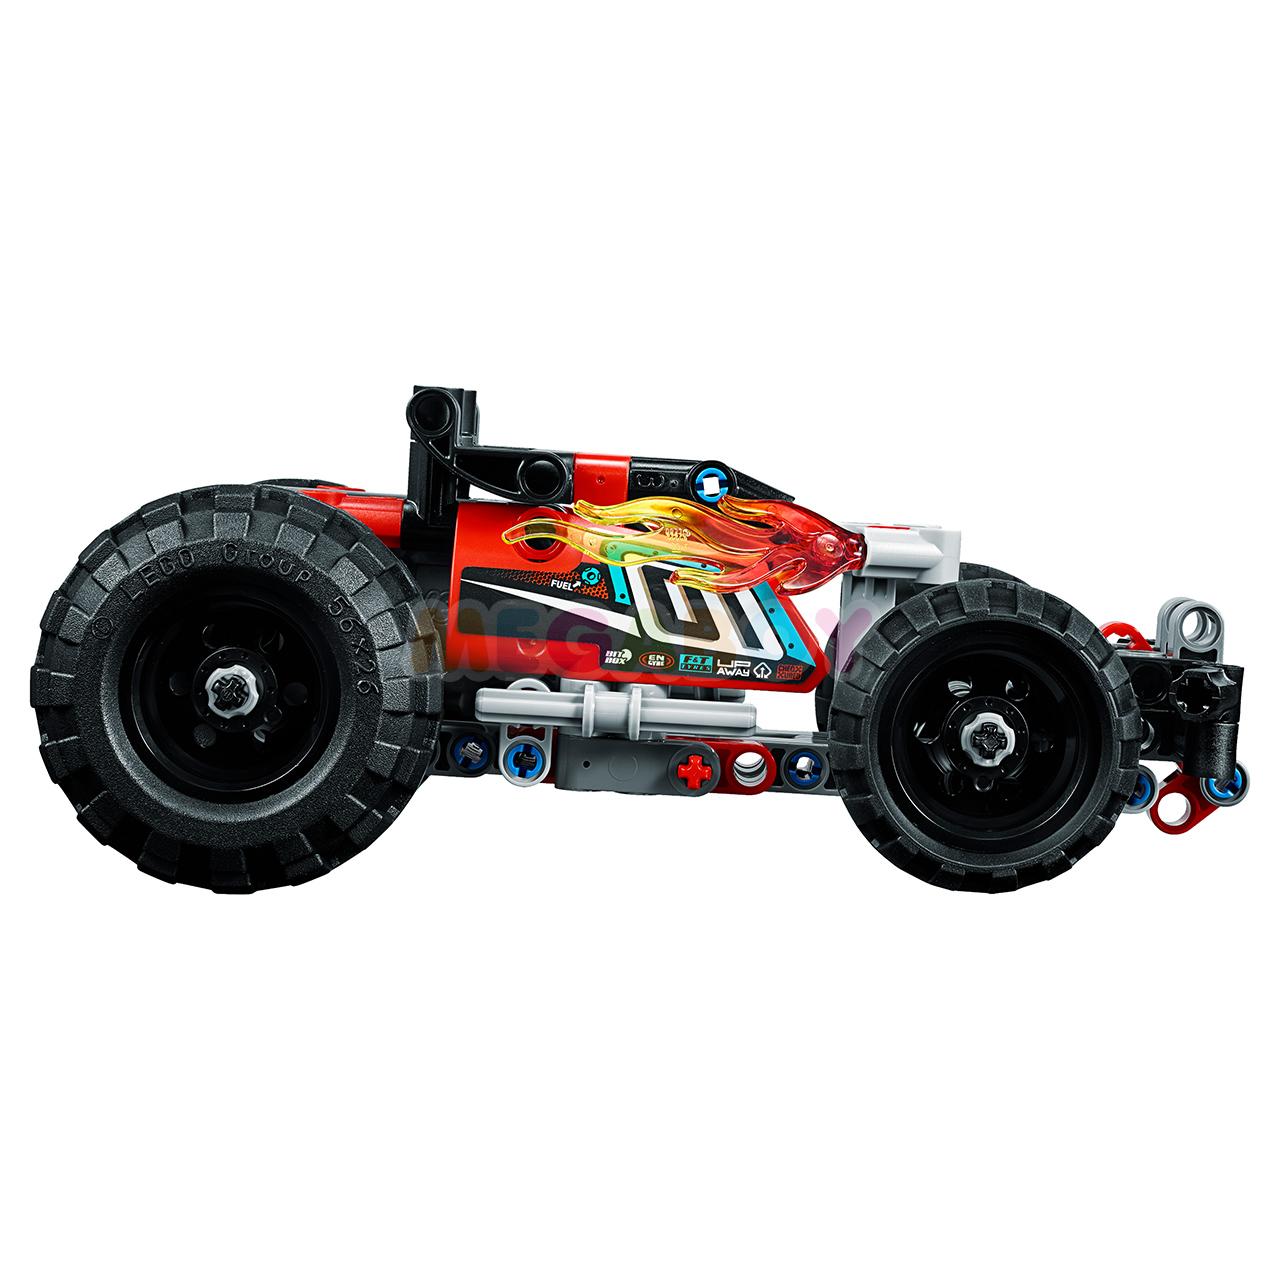 Lego technic гоночный автомобиль купить